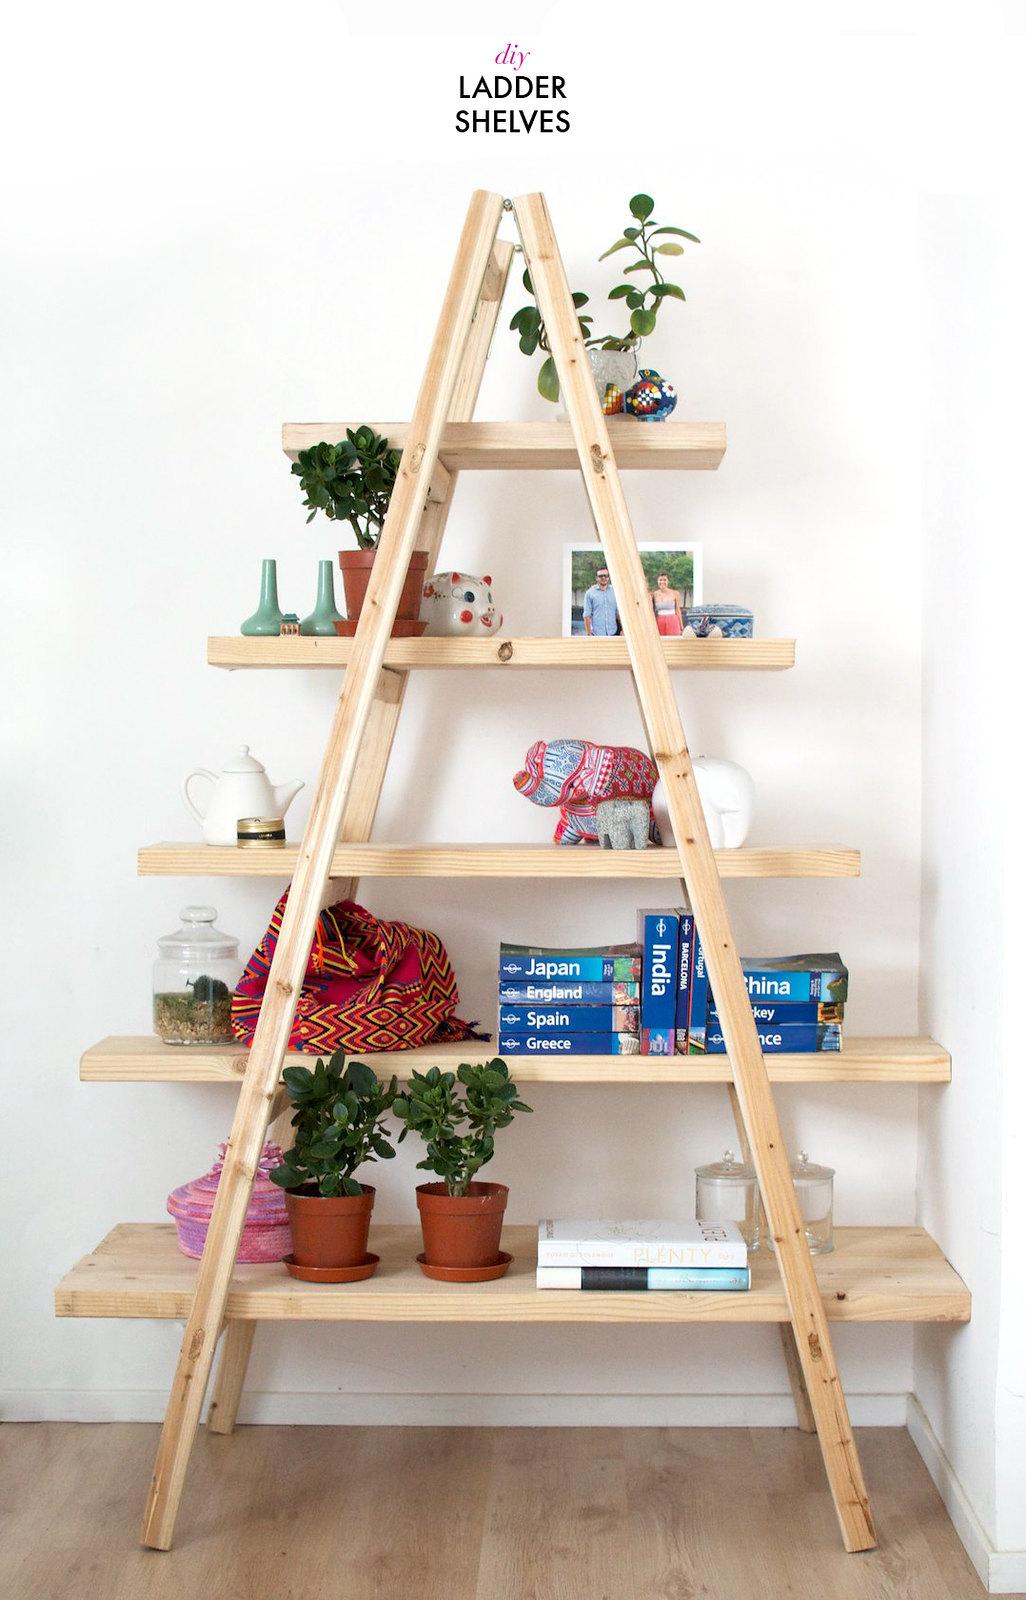 Make a quick set of shelves using a ladder www.apairandasparediy.com - Geneva Vanderzeil apairandasparediy.com